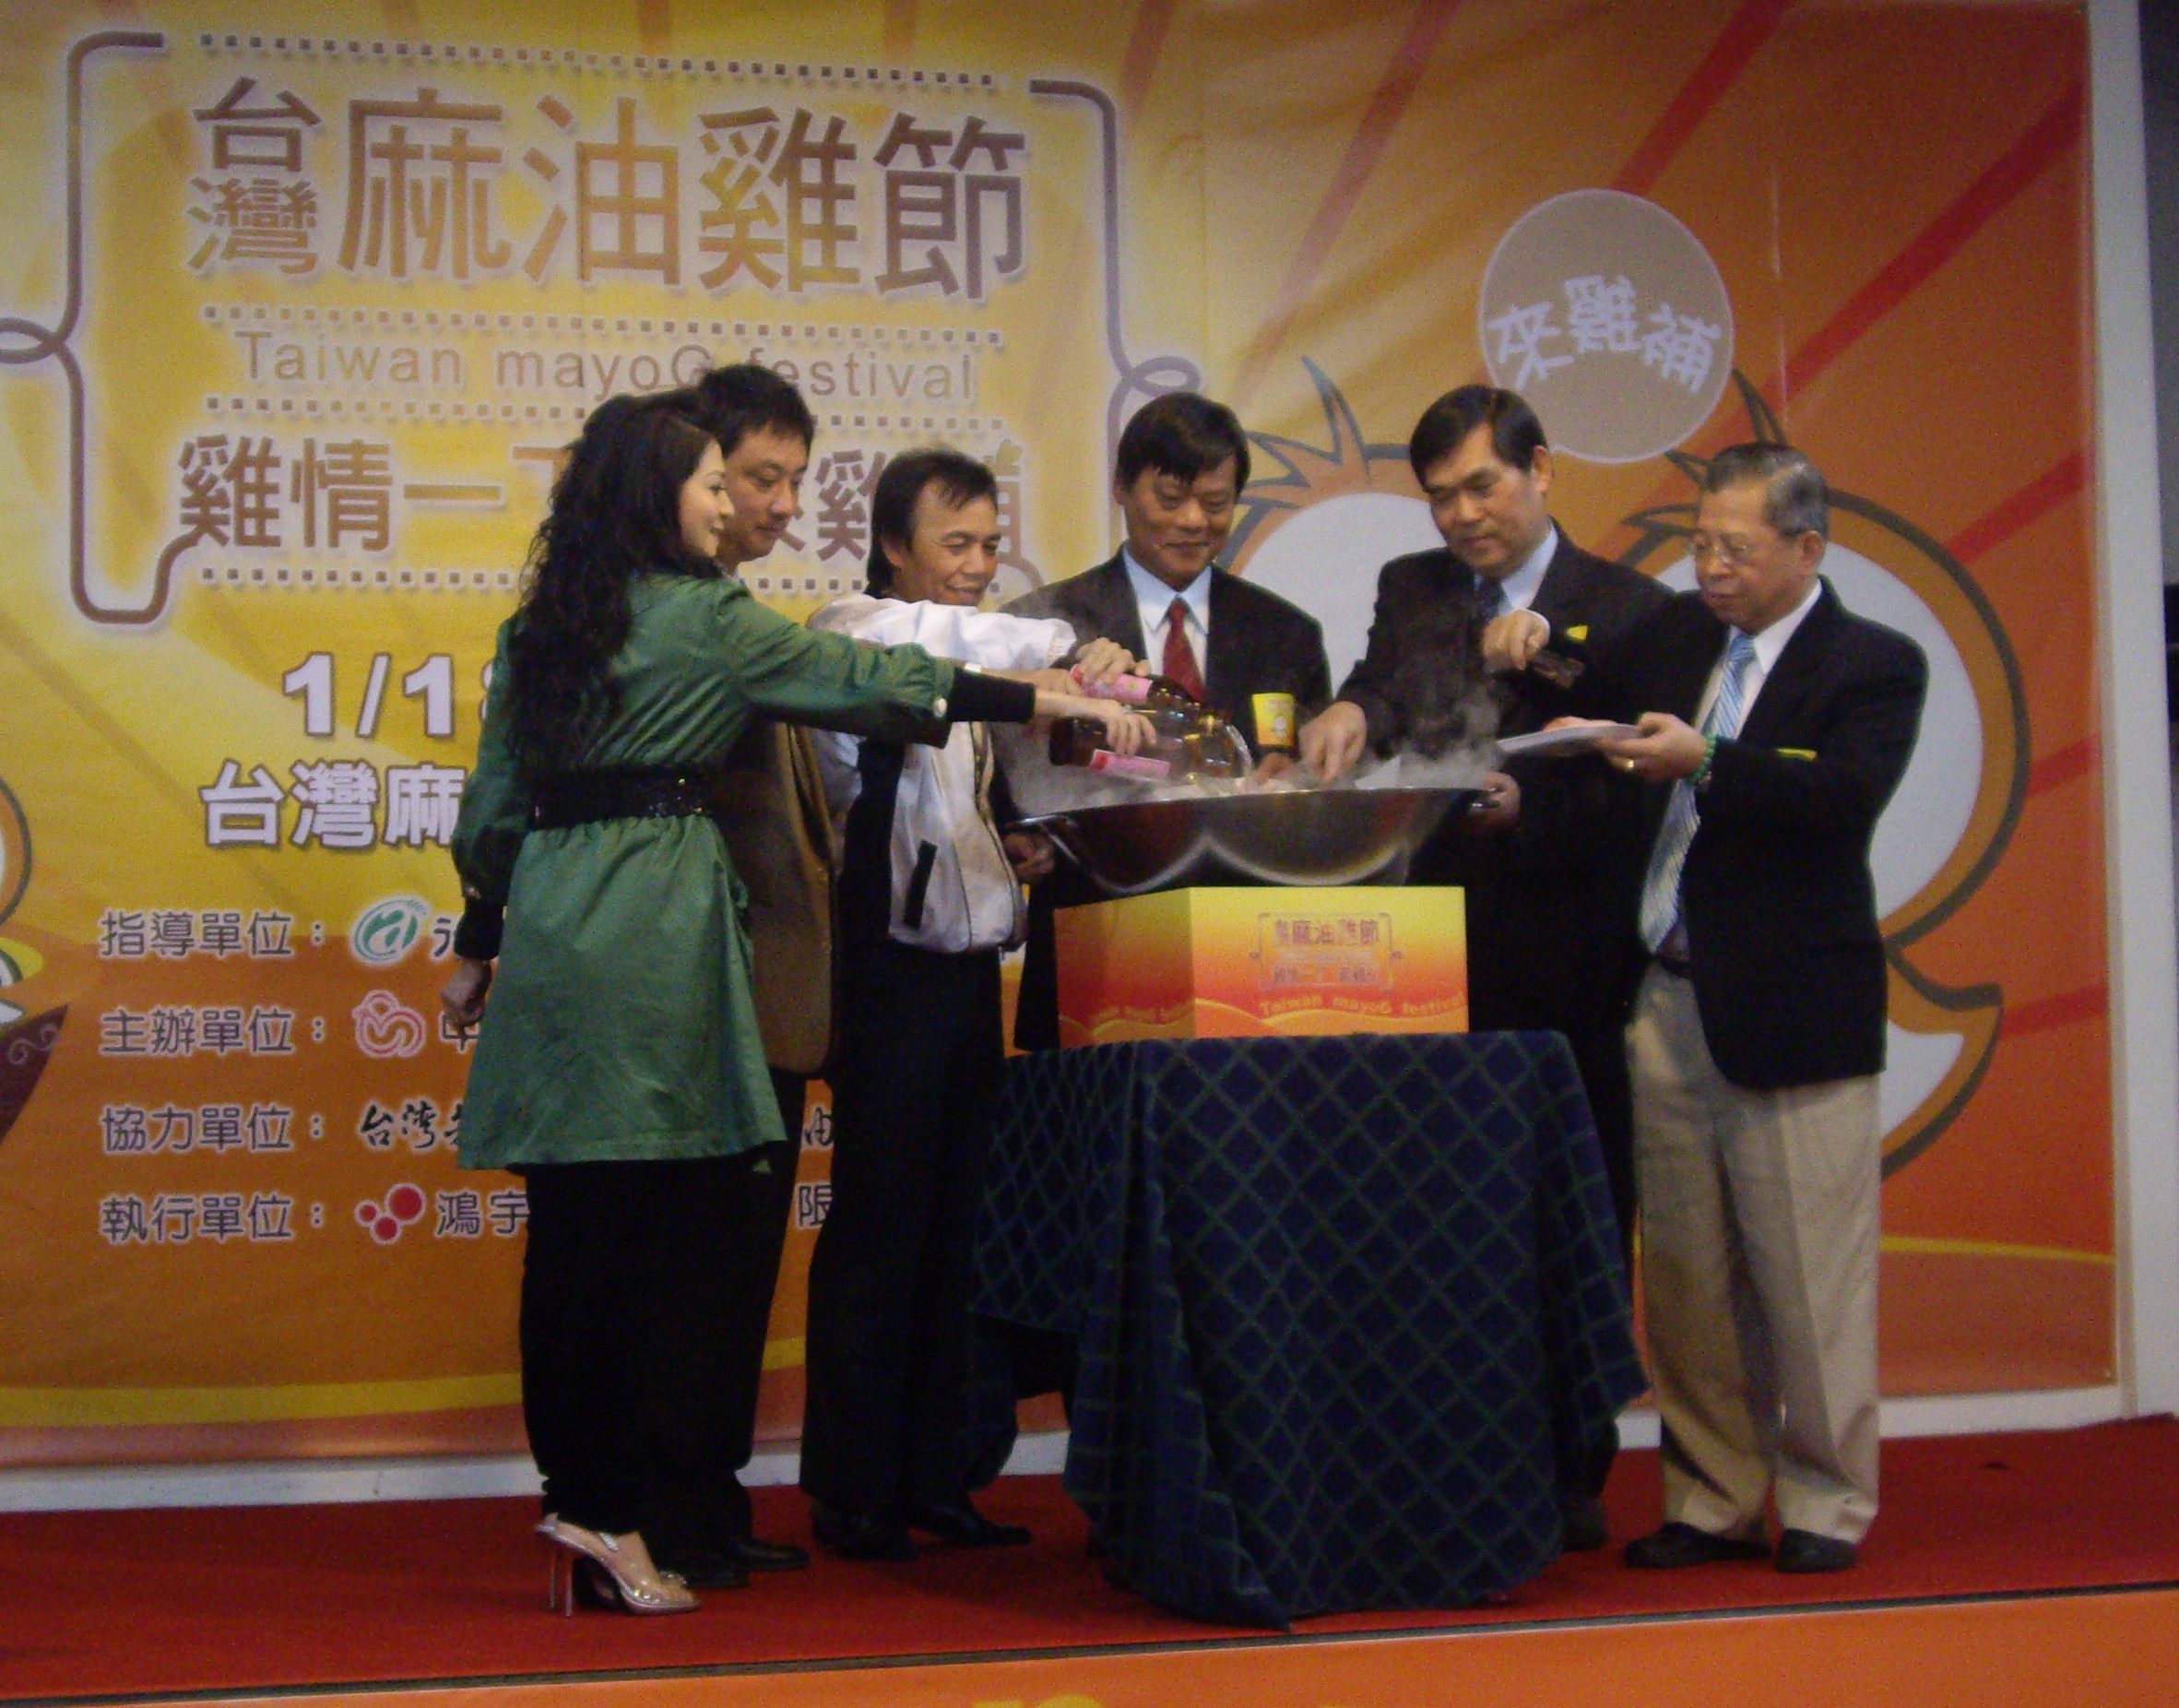 台灣麻油雞節輪播廣告十一